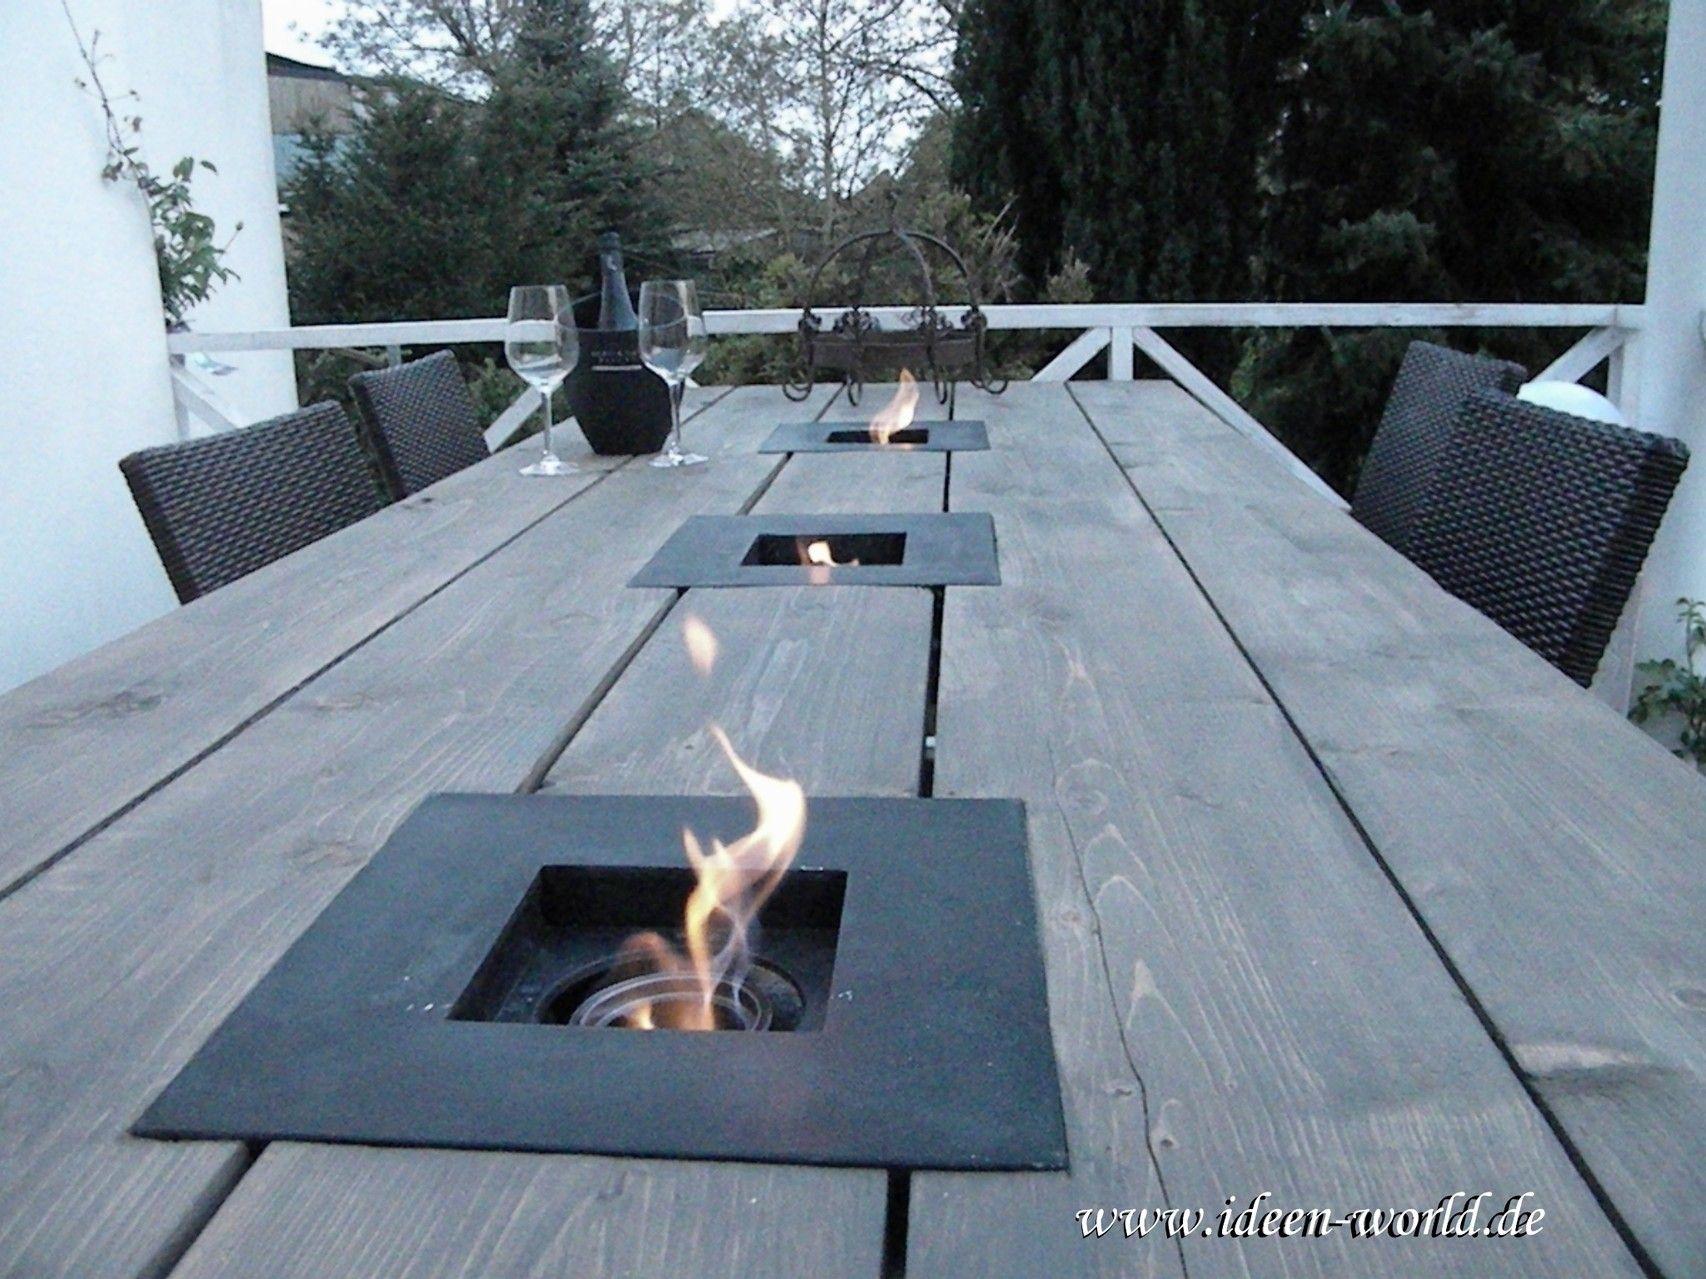 Charmant Gartenmöbel ,Gartentich ,Tisch Mit Feuerstelle, Individuelle Loungemöbel  ,einzigatige Lampen,besondere Deko